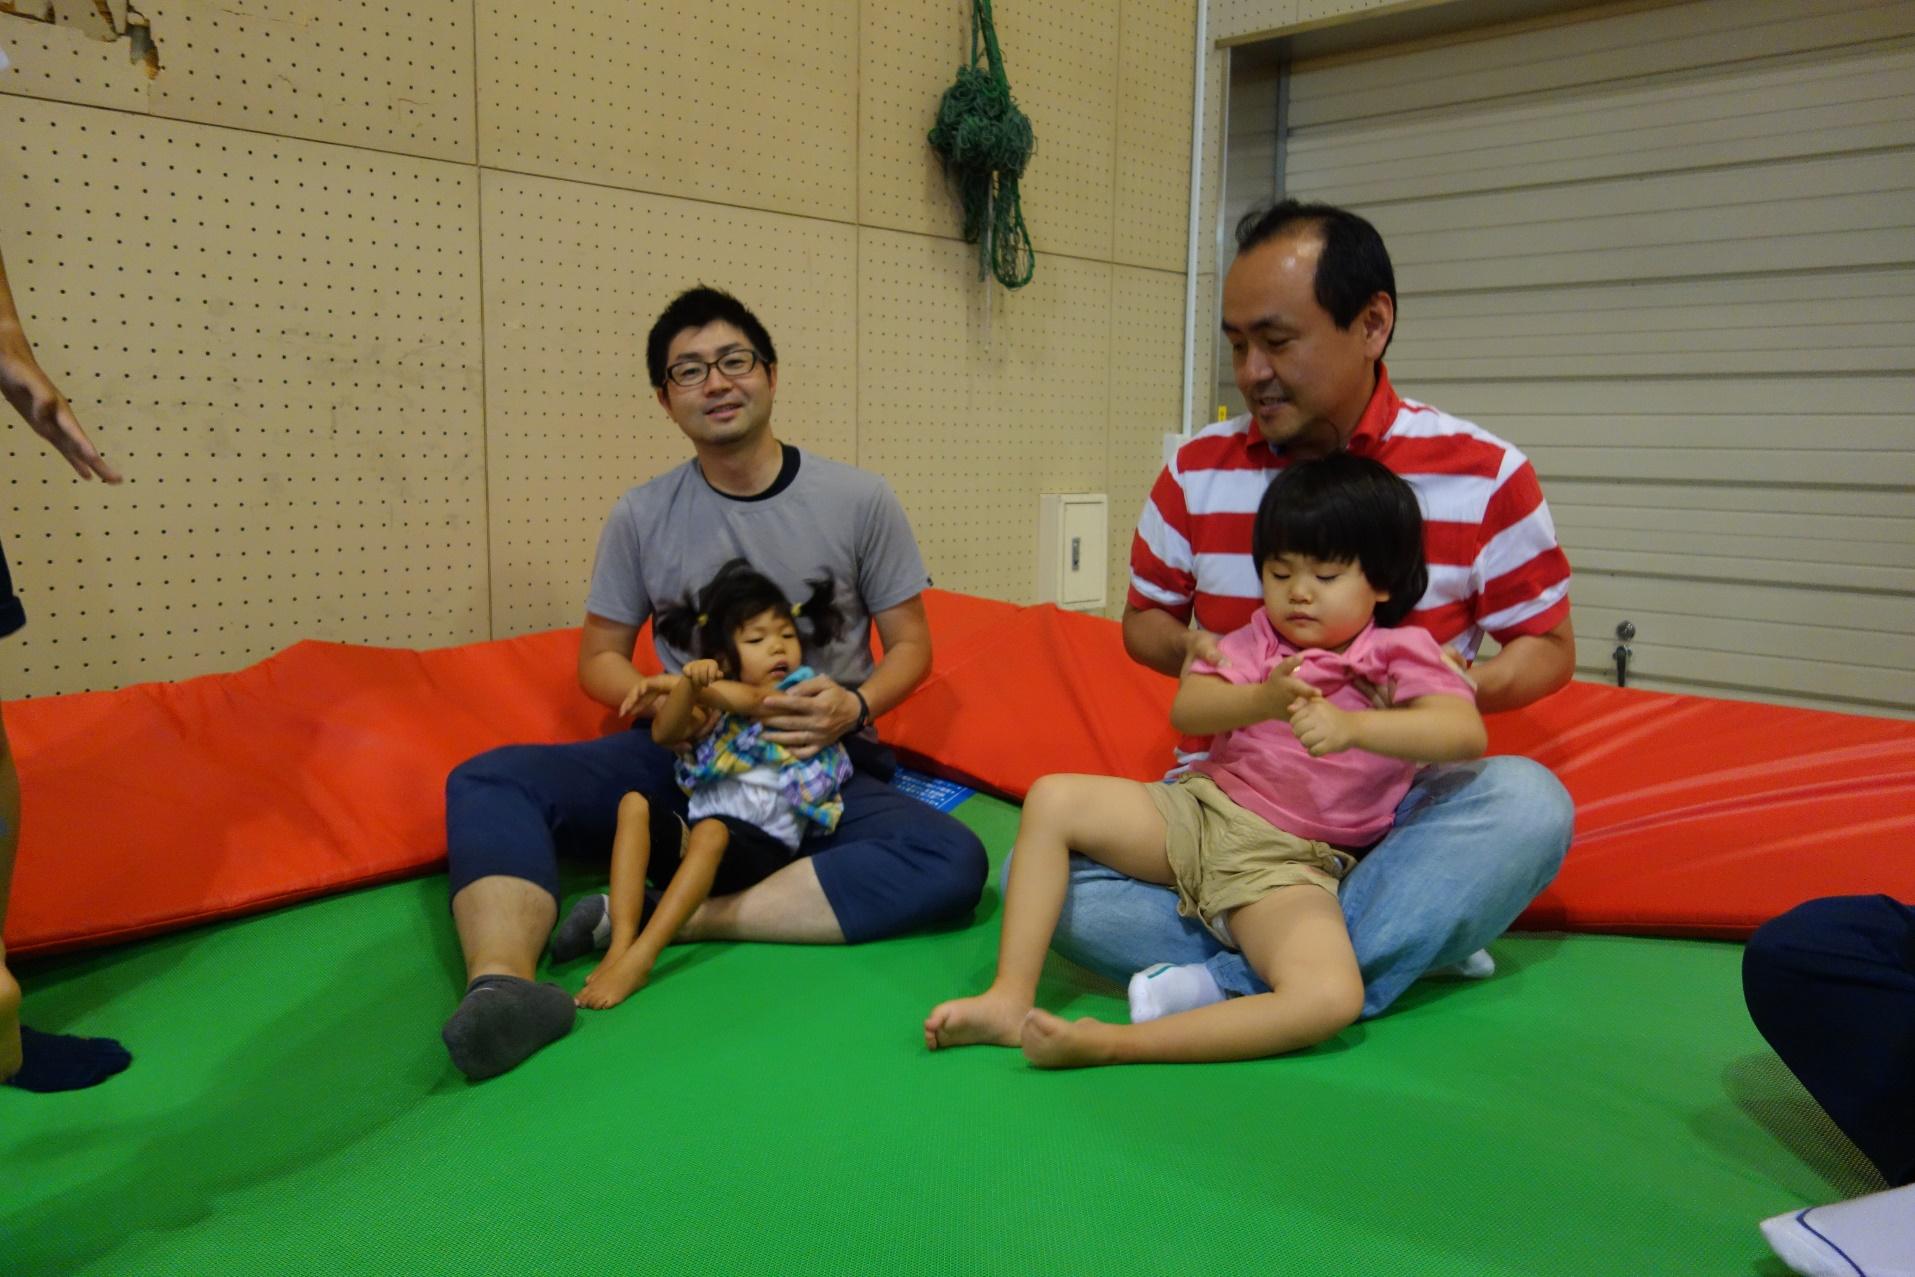 DSC00533 - 親子で楽しむ重度キッズ体操教室より